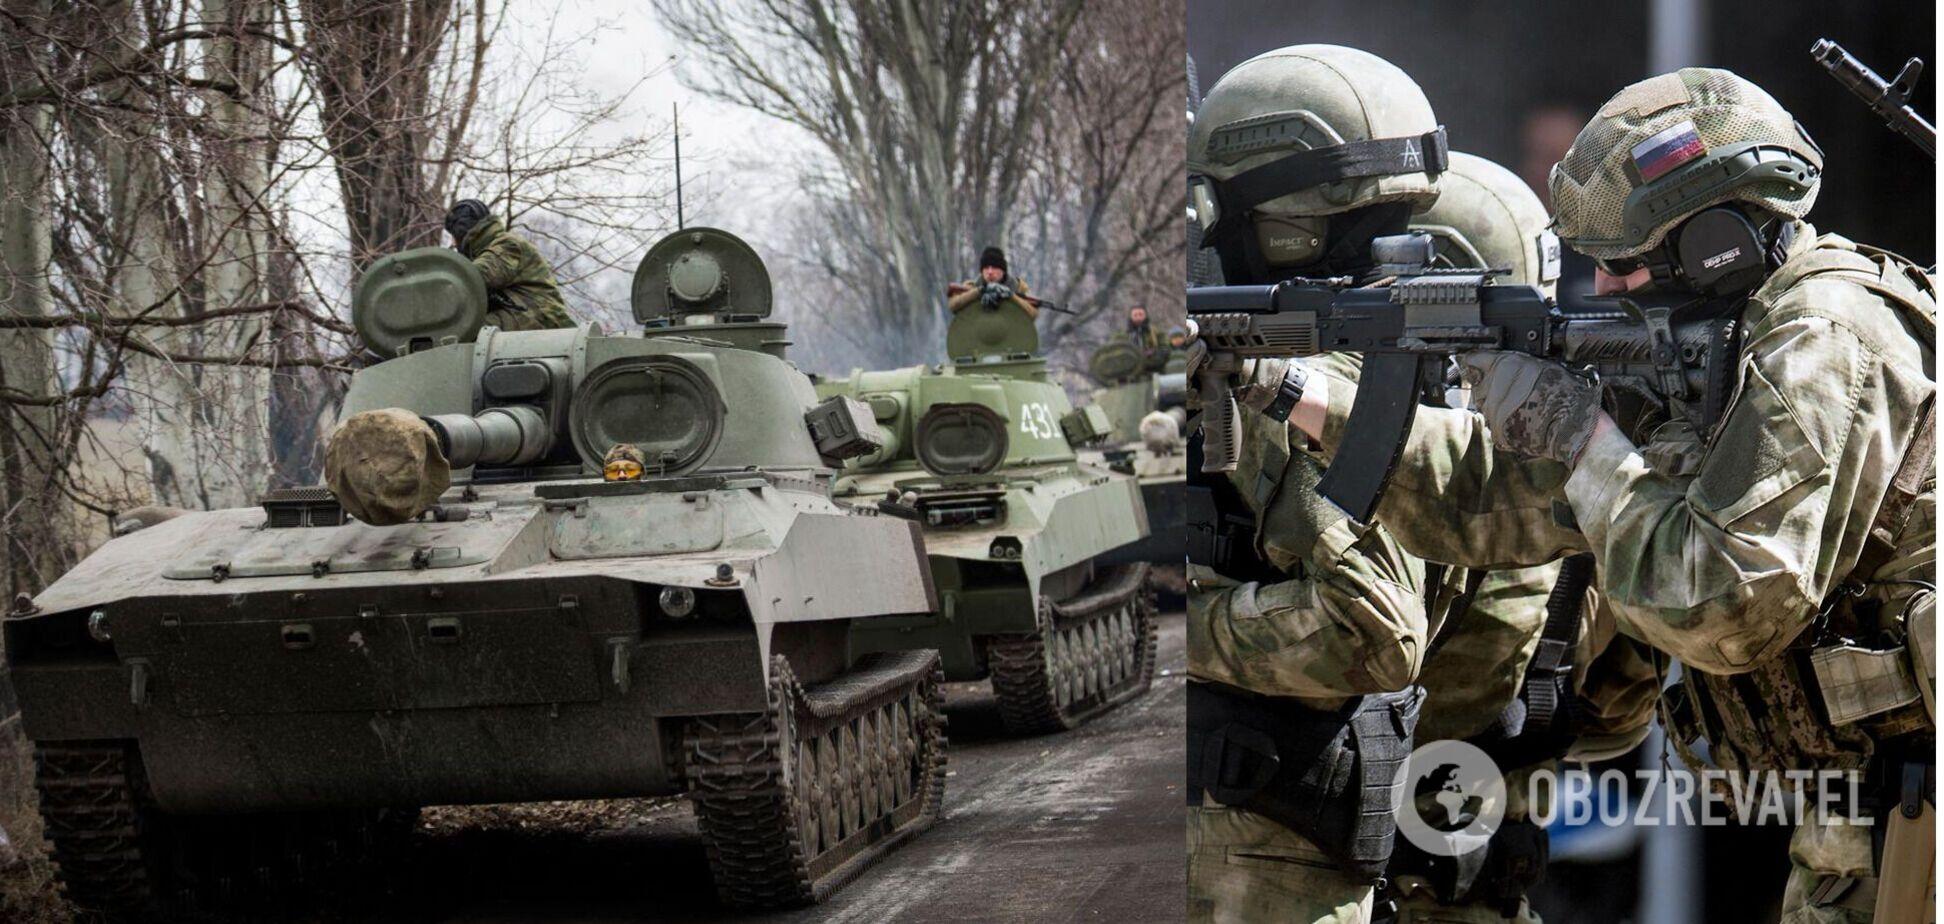 Планується розширення російської військової присутності на Донбасі